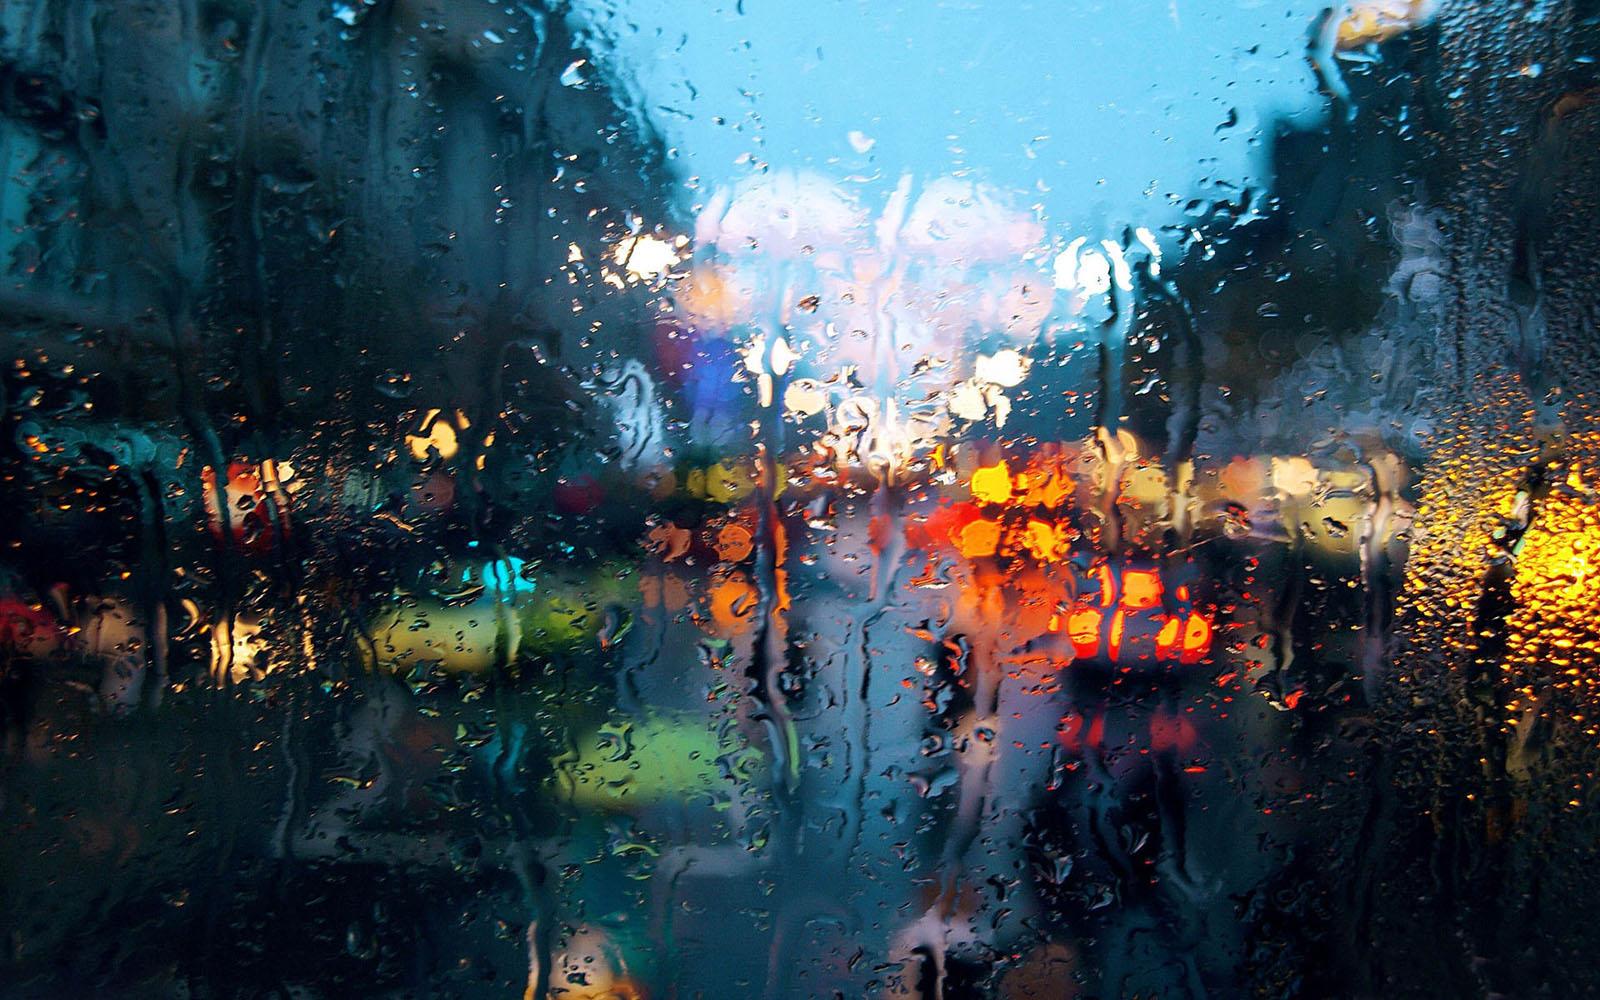 bad experience on a rainy day